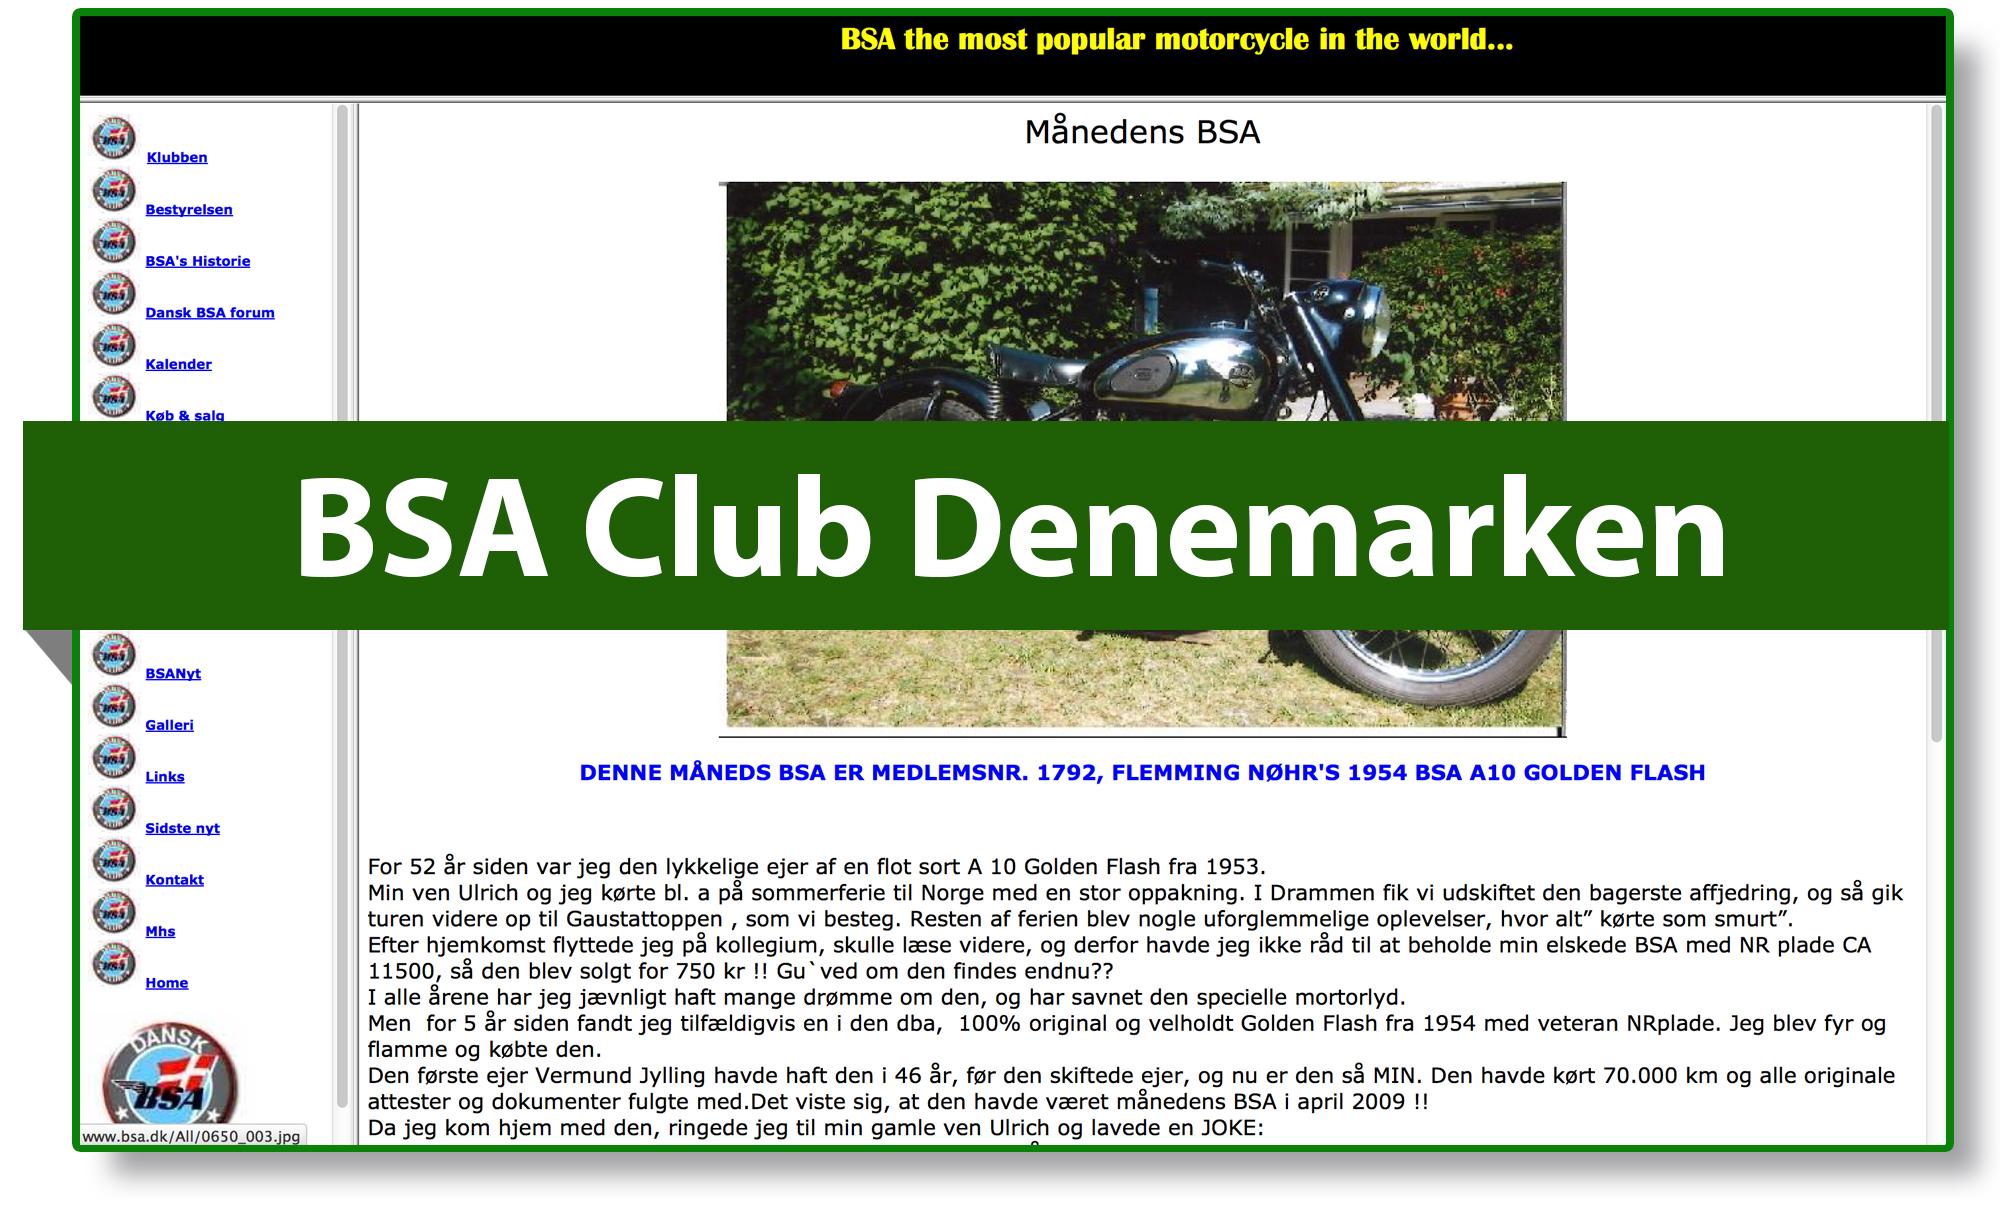 BSA club Denemarken